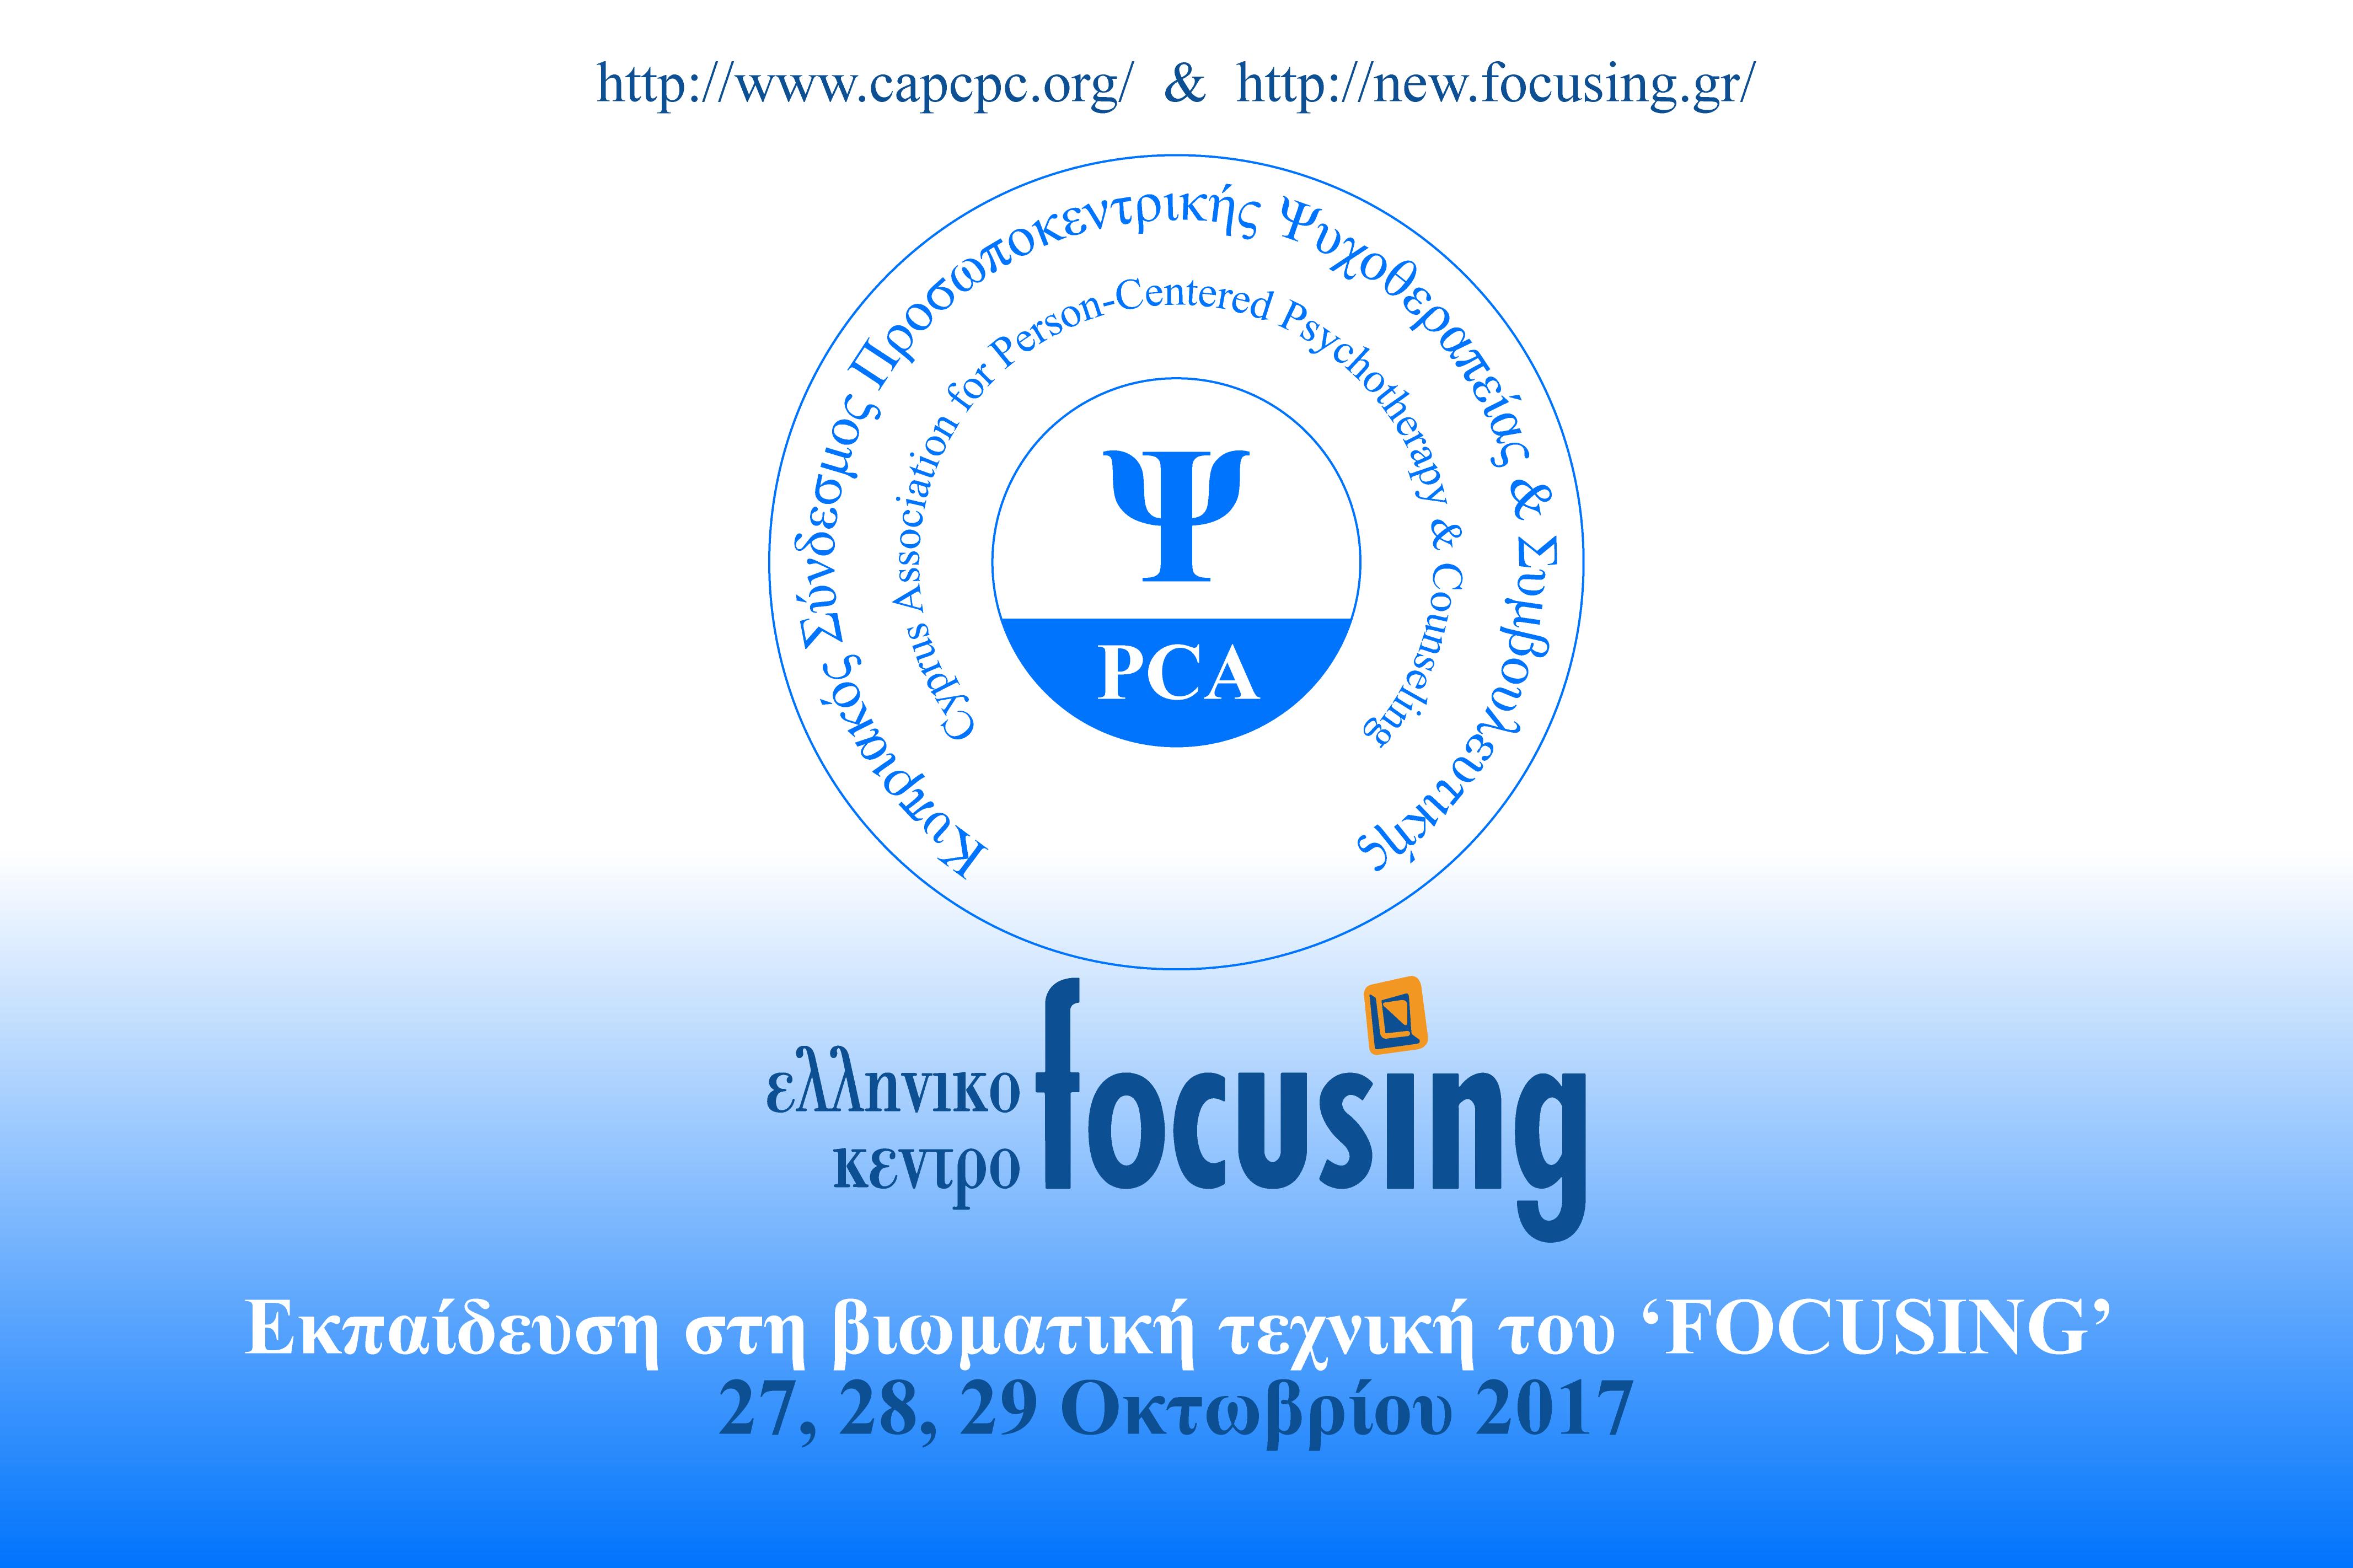 Κύπρος – Εκπαίδευση στη βιωματική τεχνική του «FOCUSING»